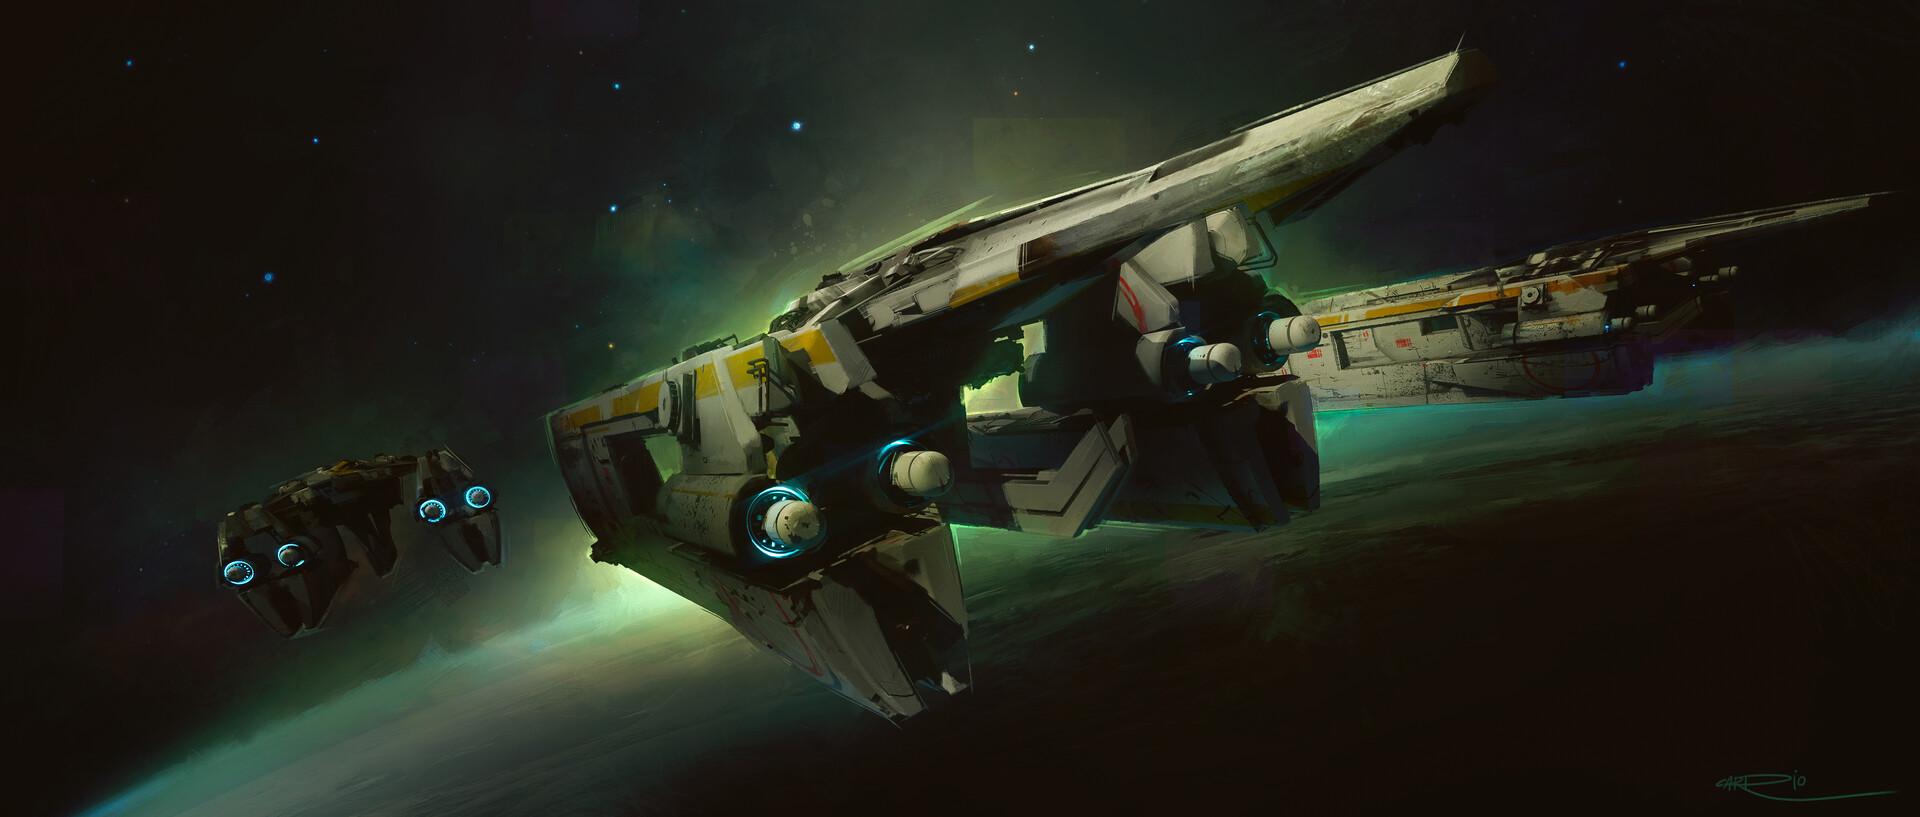 Pablo carpio spaceship 2 4k